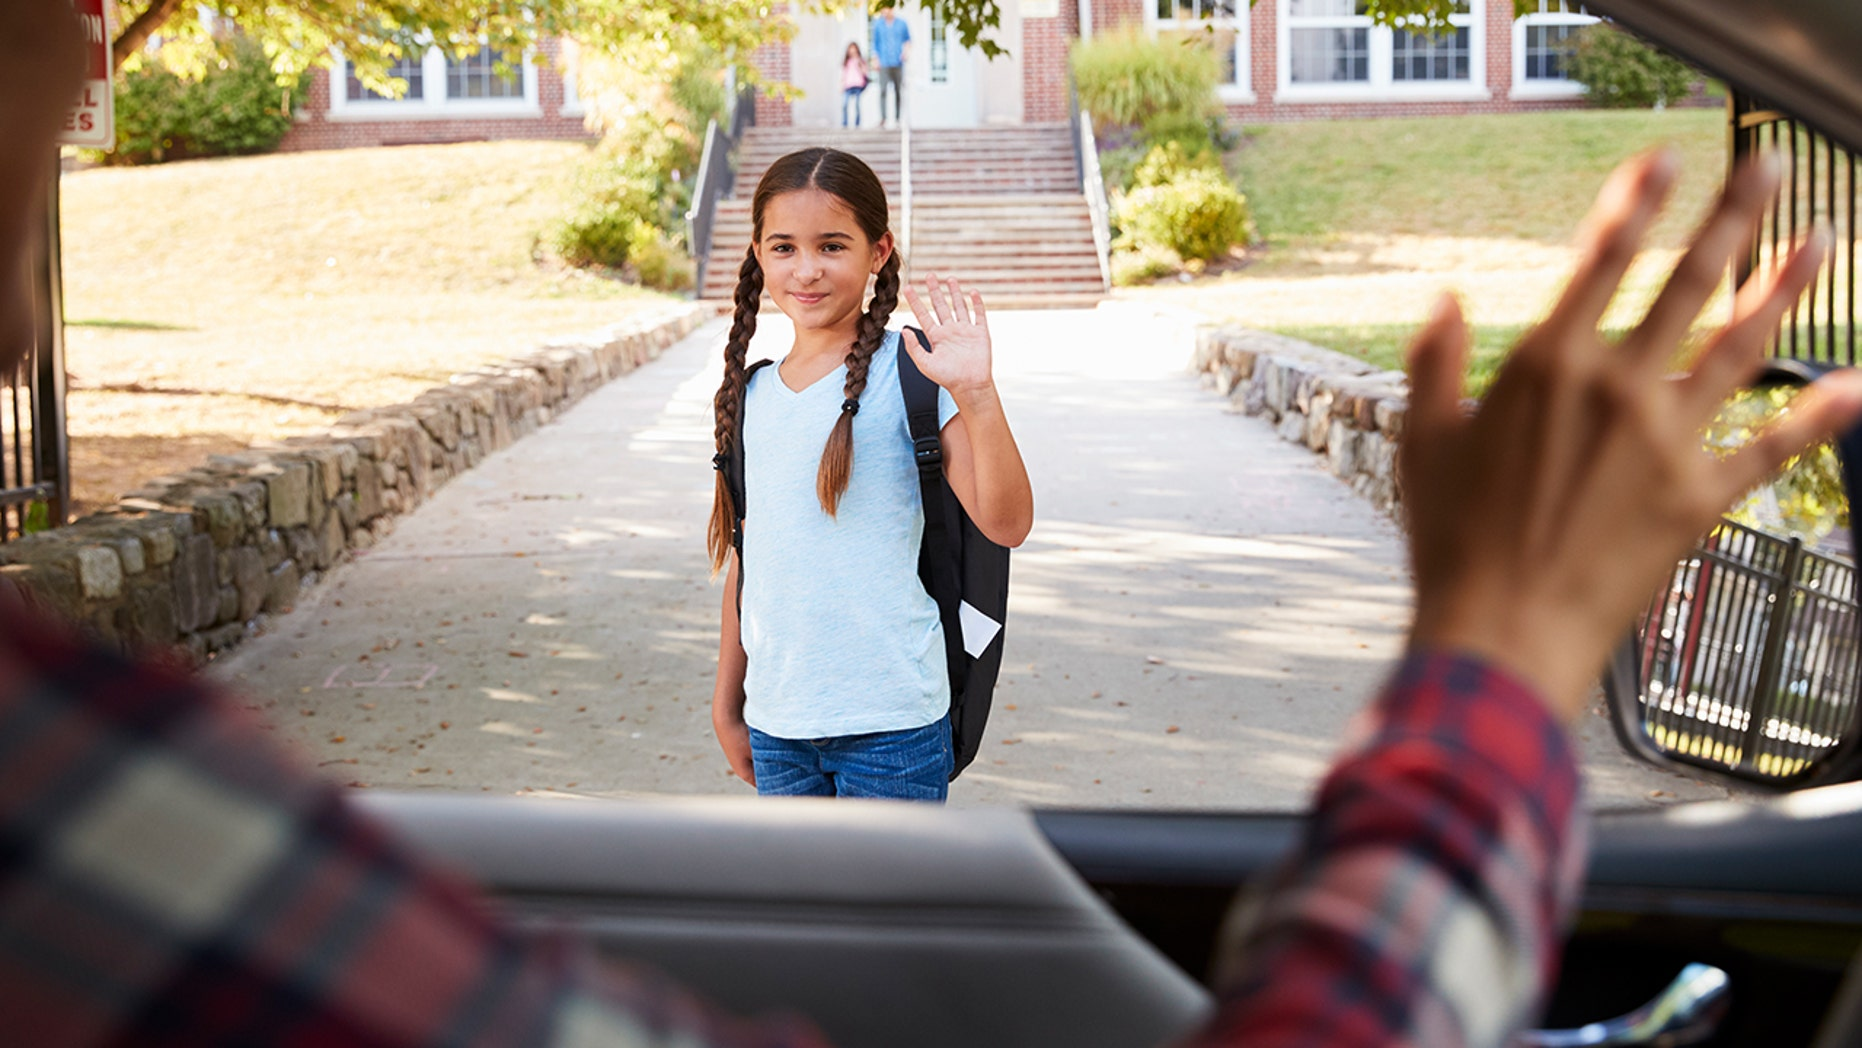 Collège adolescence vidéos porno vidéo gey